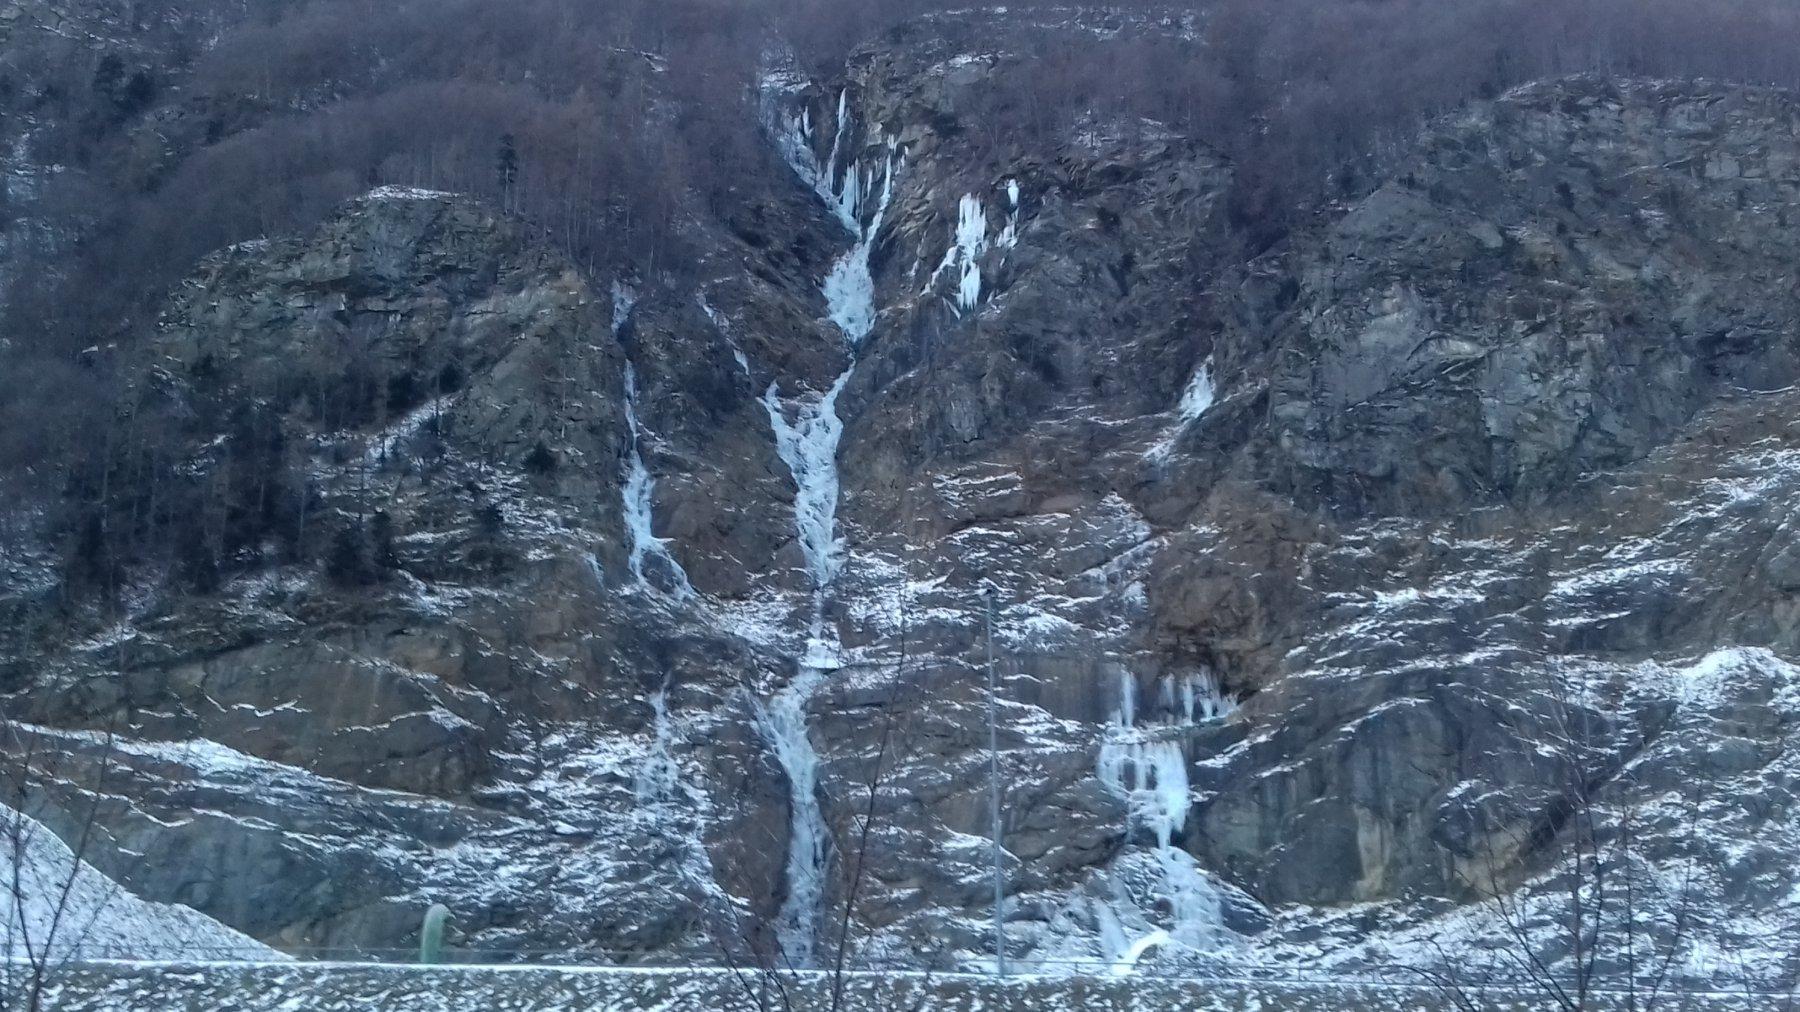 Prima cascata della diga